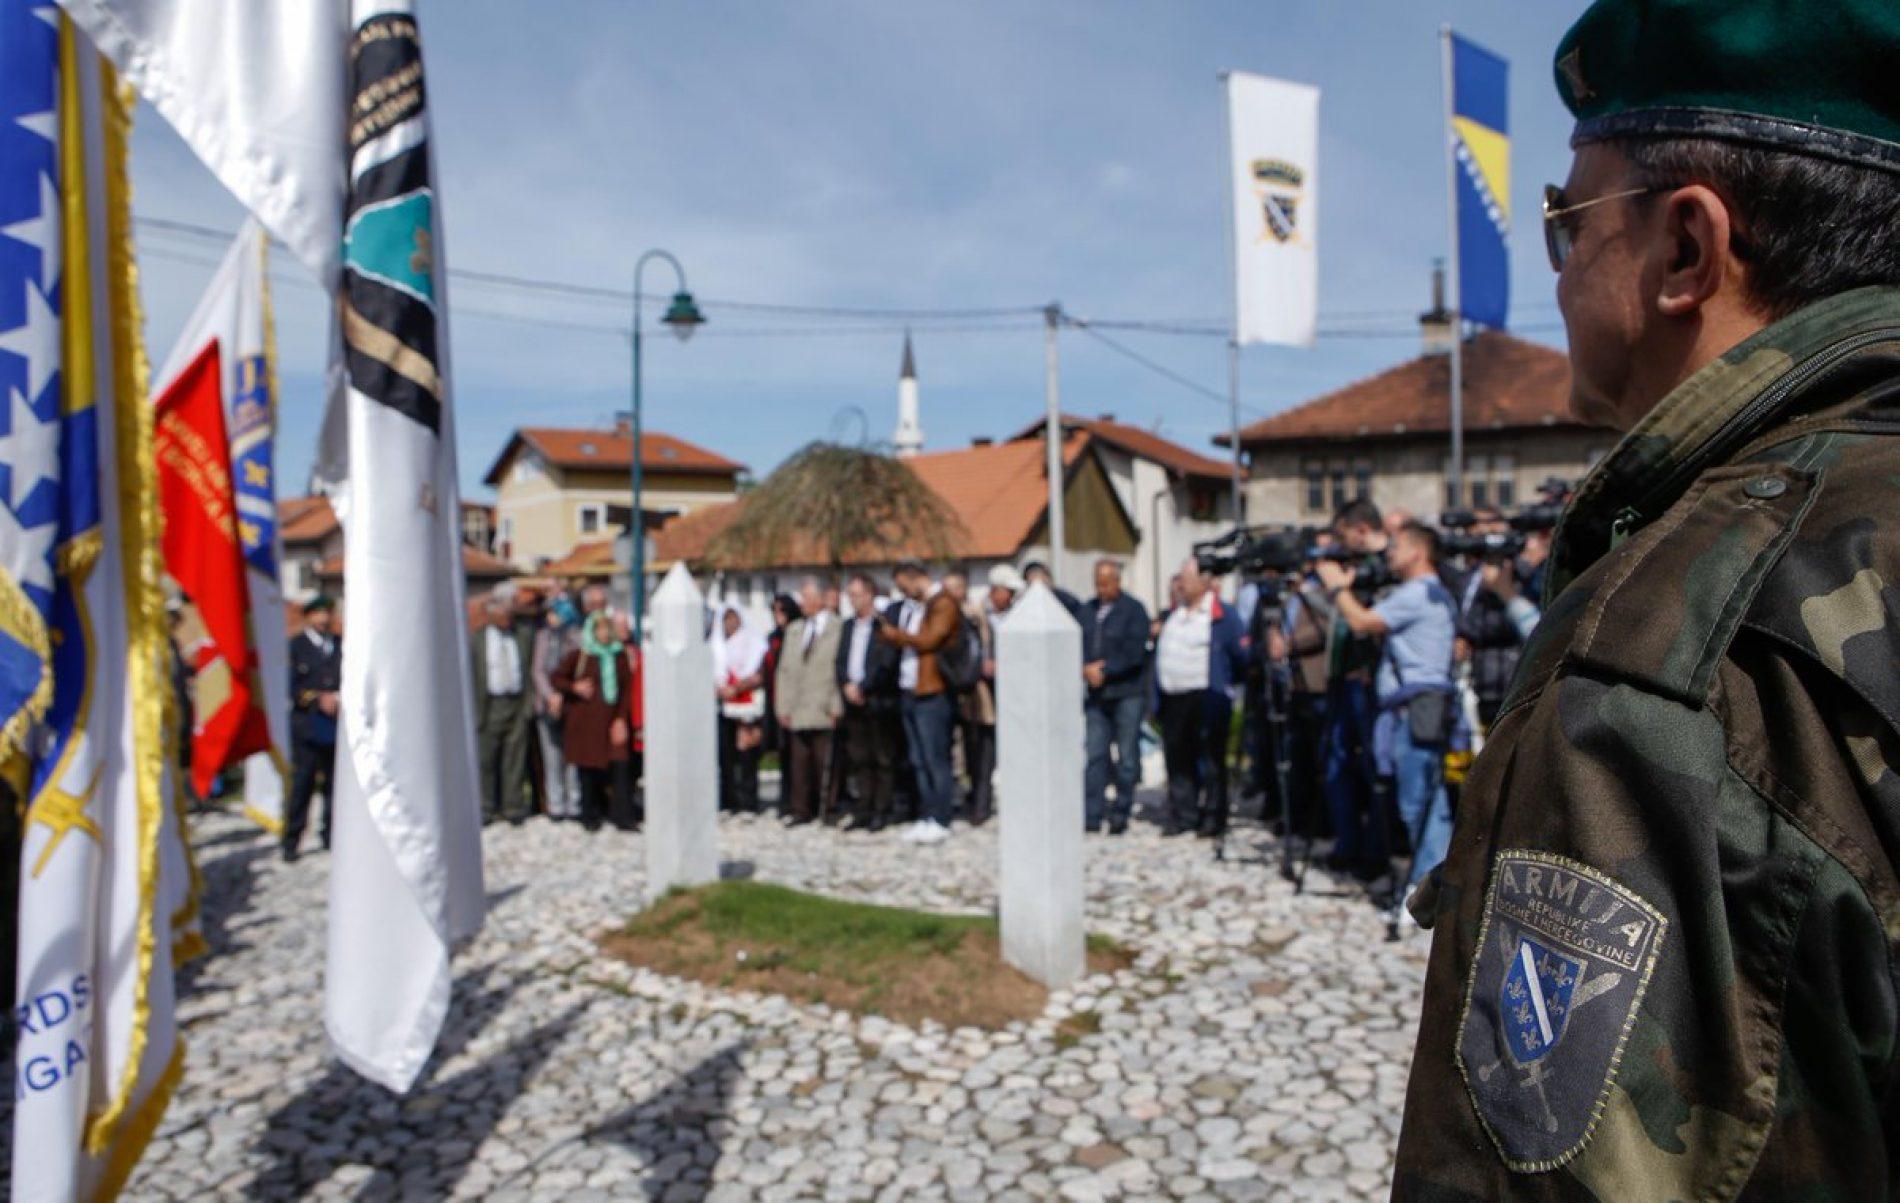 Sarajevski hrabri momci šokirali agresora: 2. maj pokazuje hrabrost, odanost, volju i herojstvo branilaca Sarajeva